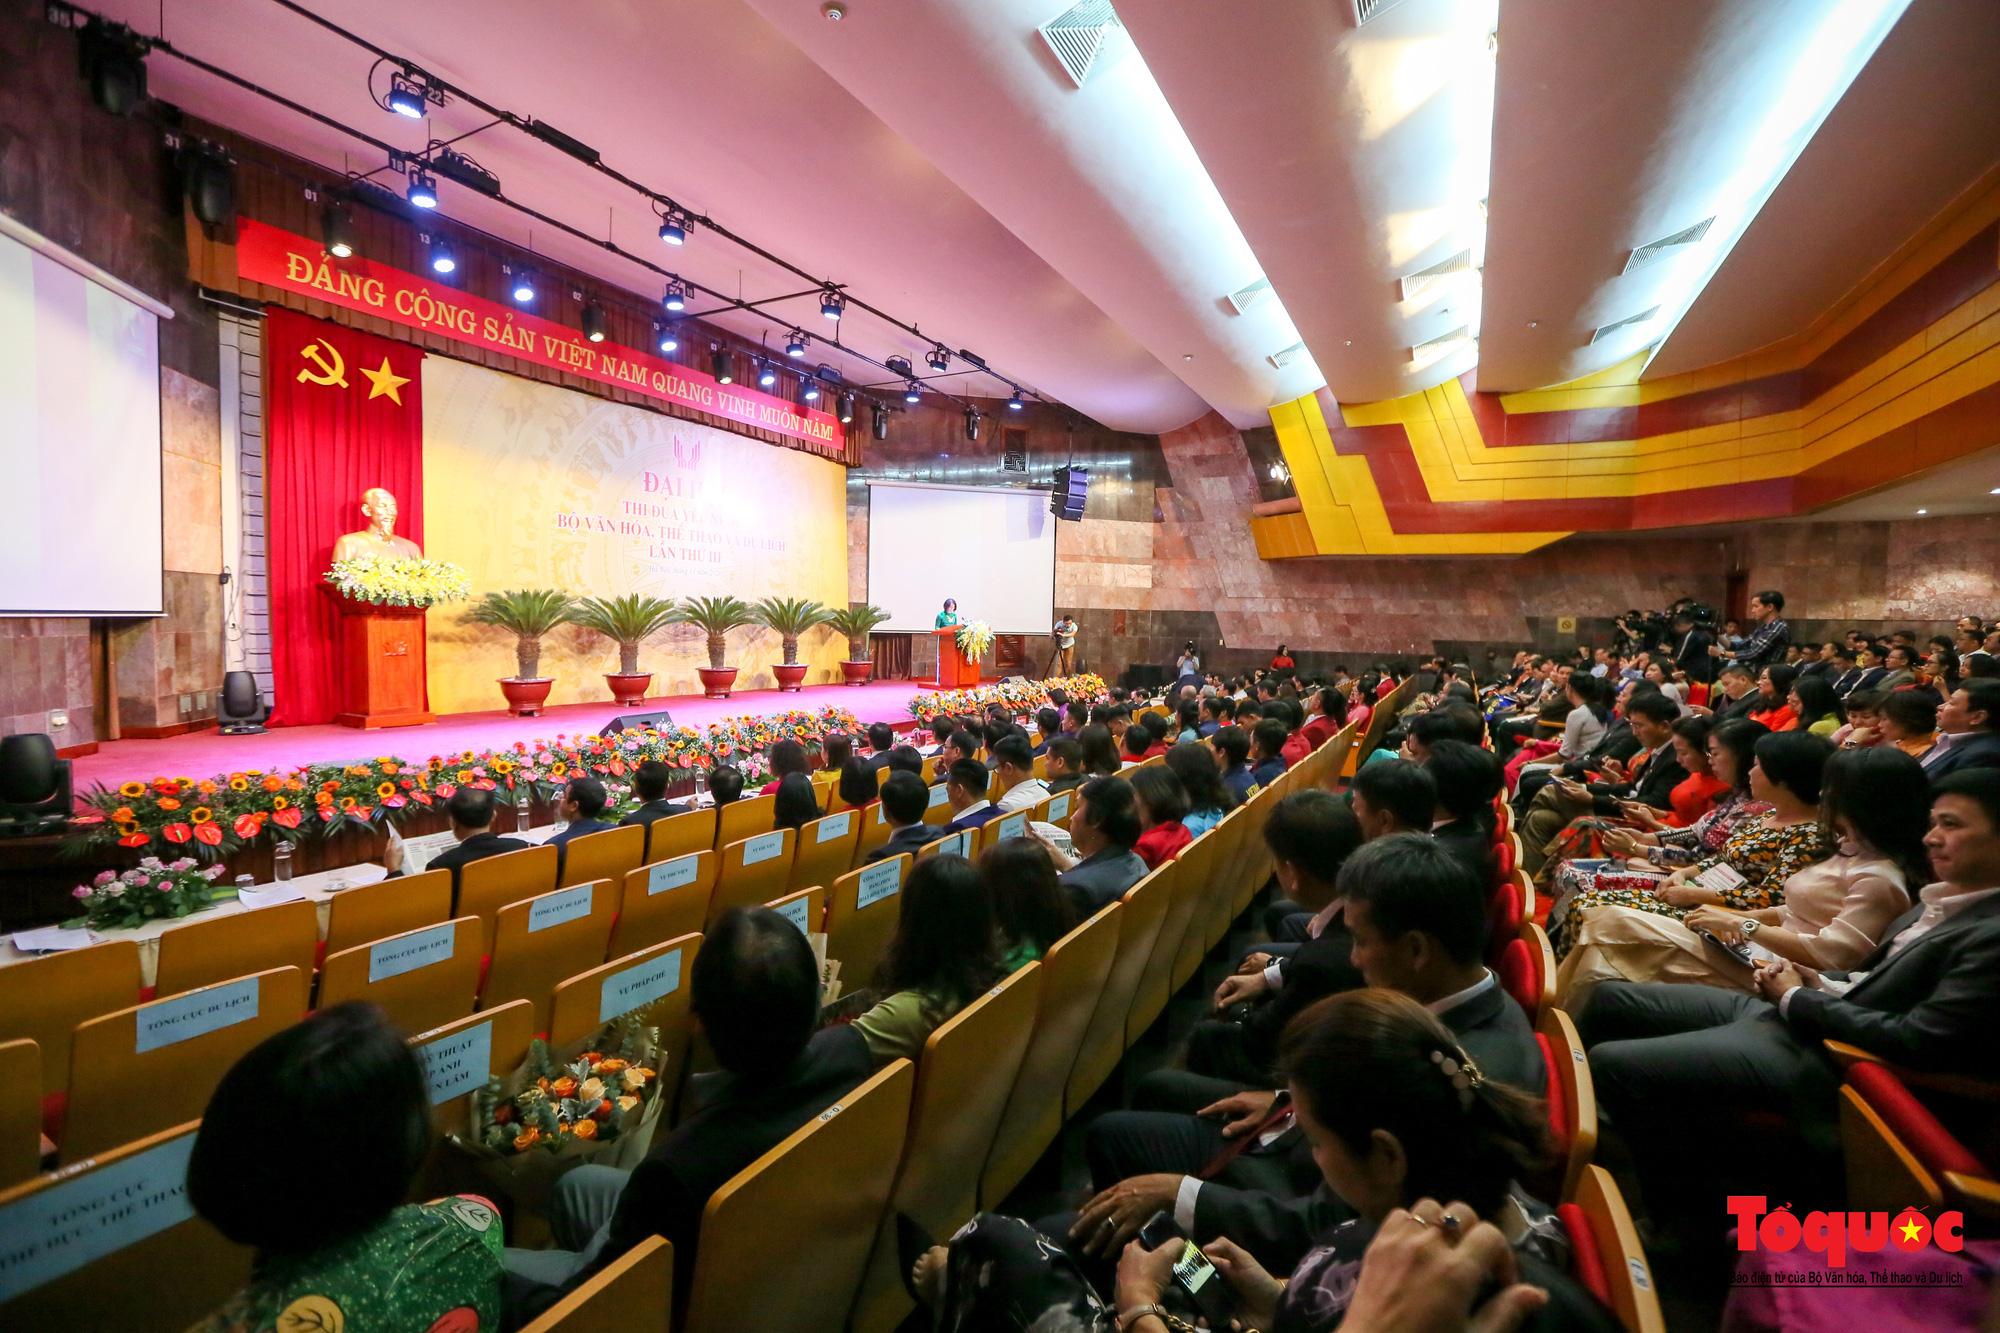 Tại Đại hội, ông Phùng Huy Cẩn, Vụ trưởng Vụ Thi đua khen thưởng (Bộ VHTTDL) đã báo cáo kết quả công tác thi đua, khen thưởng của Bộ trong giai đoạn 2016-2020. Công tác khen thưởng đã đạt được trong 5